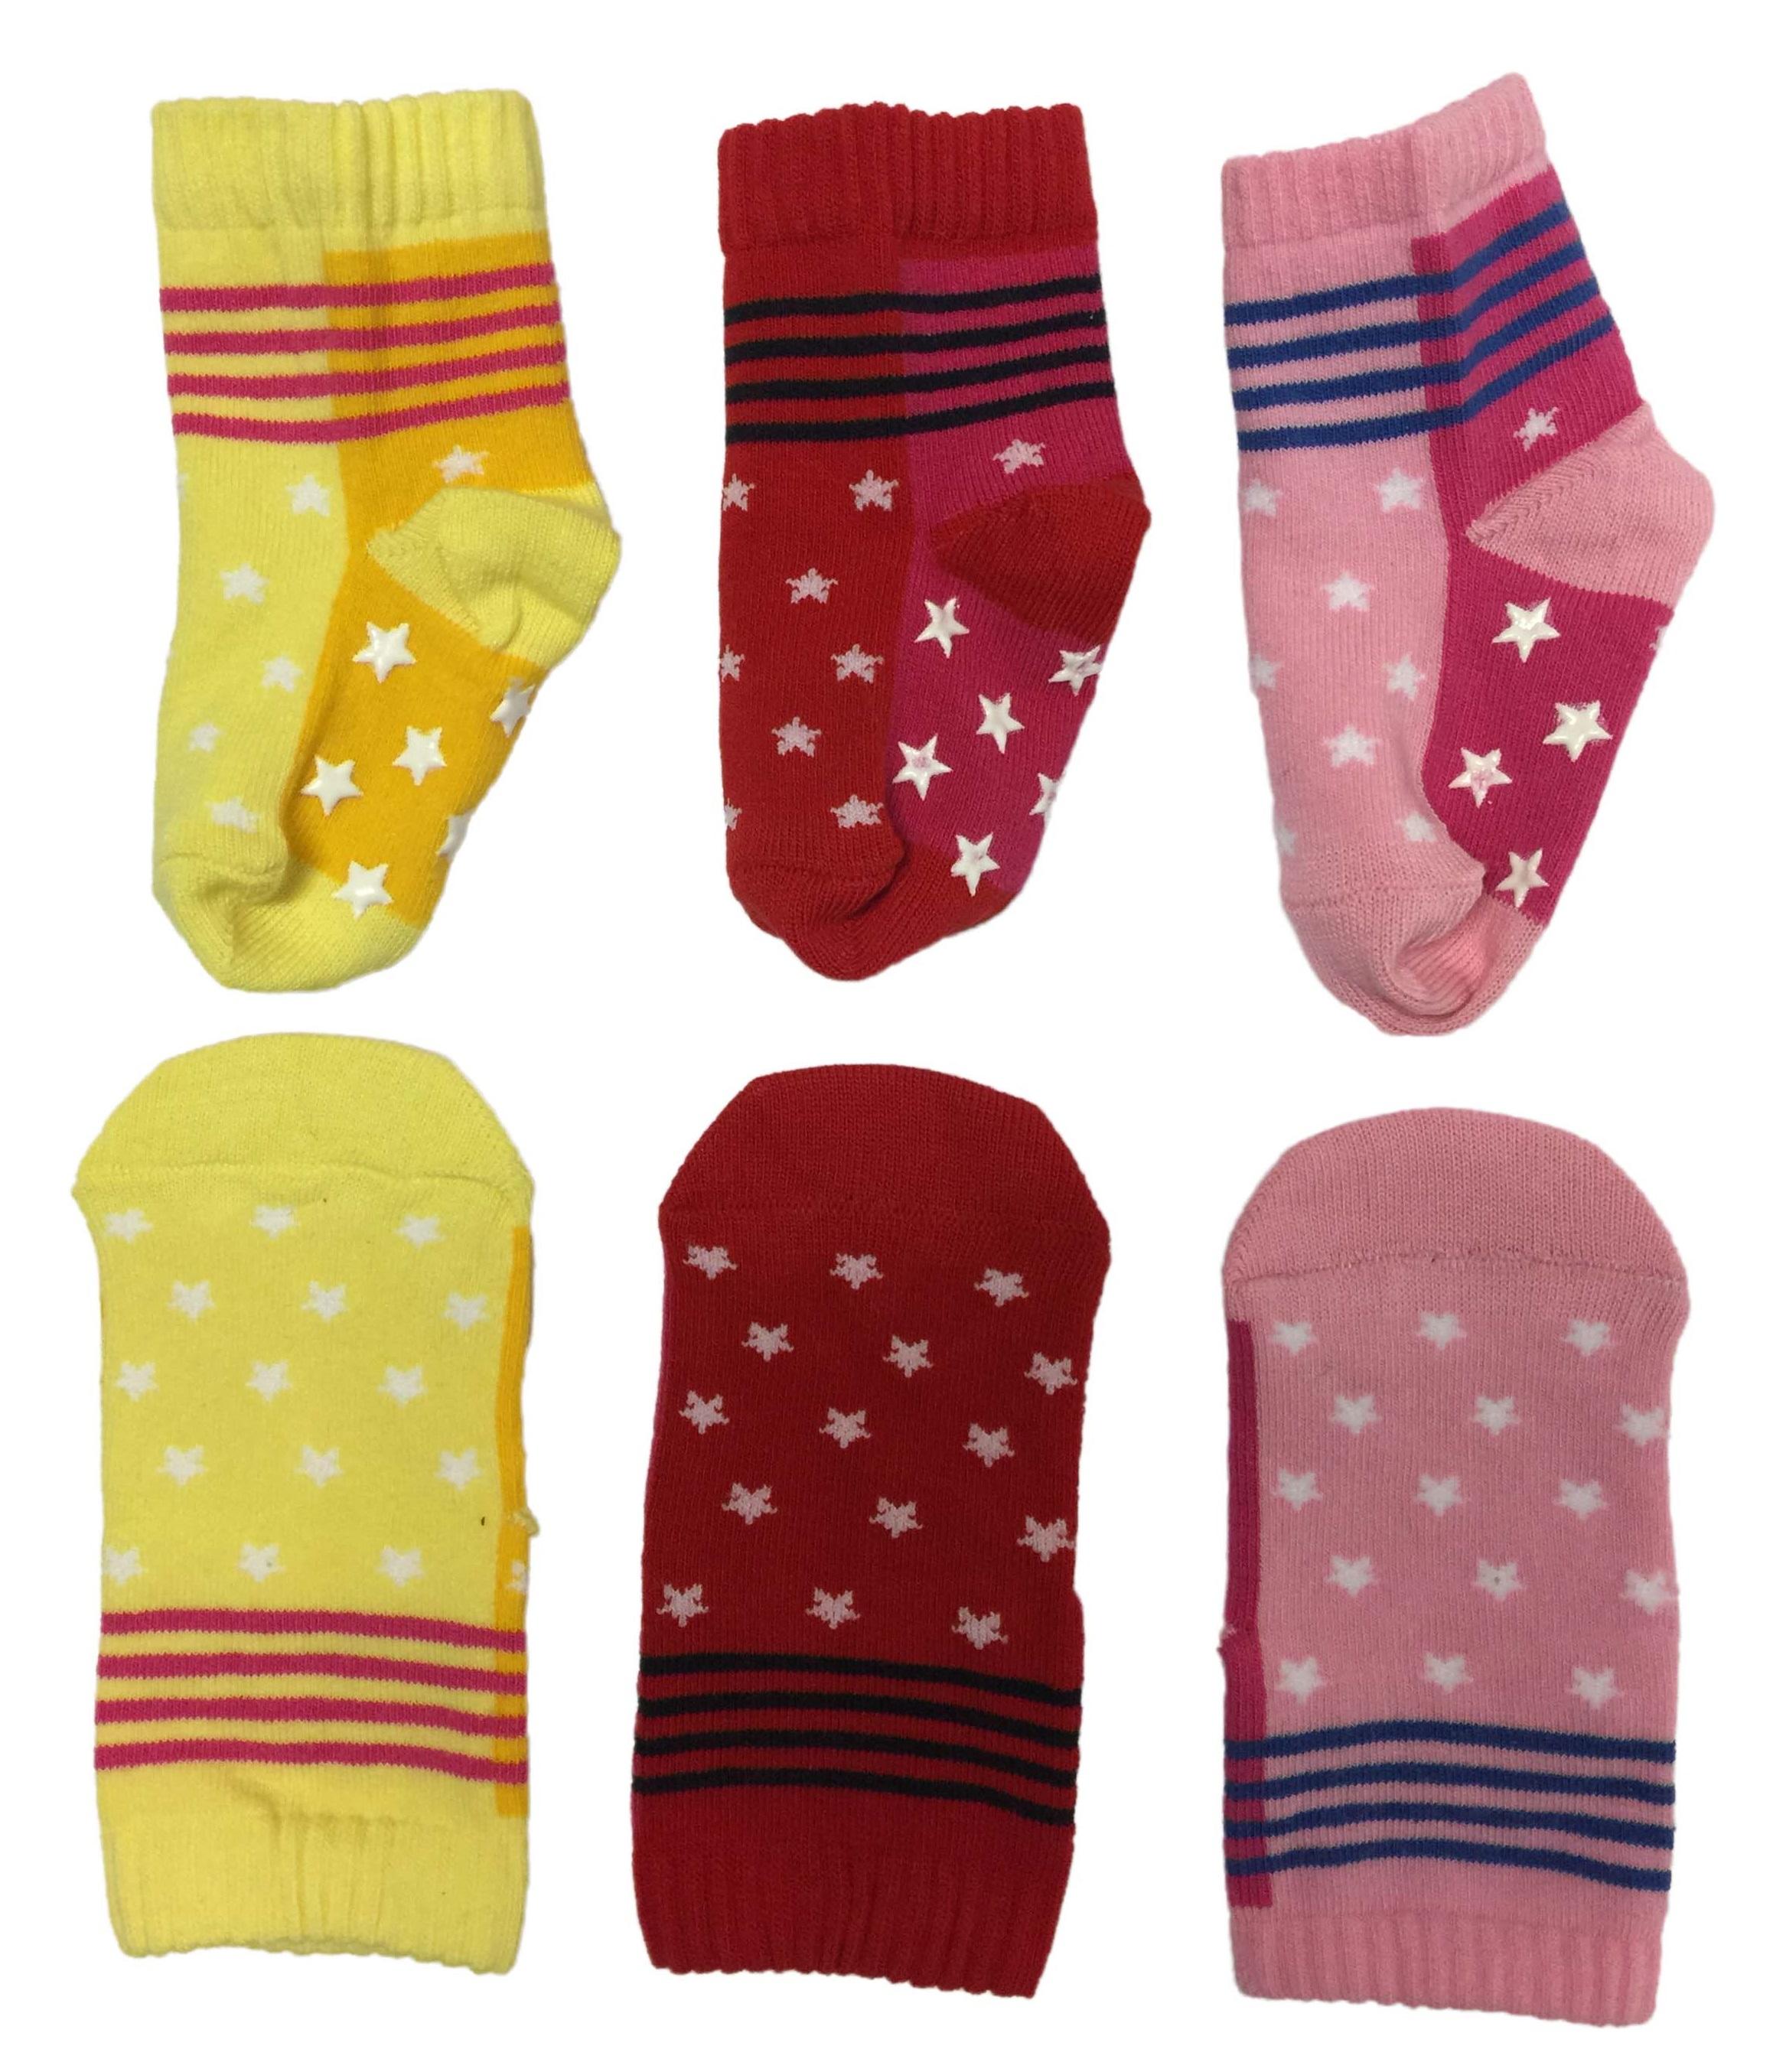 3 Paar Baby & Kinder Socken ABS  rutschfest  für Mädchen oder Jungen 7